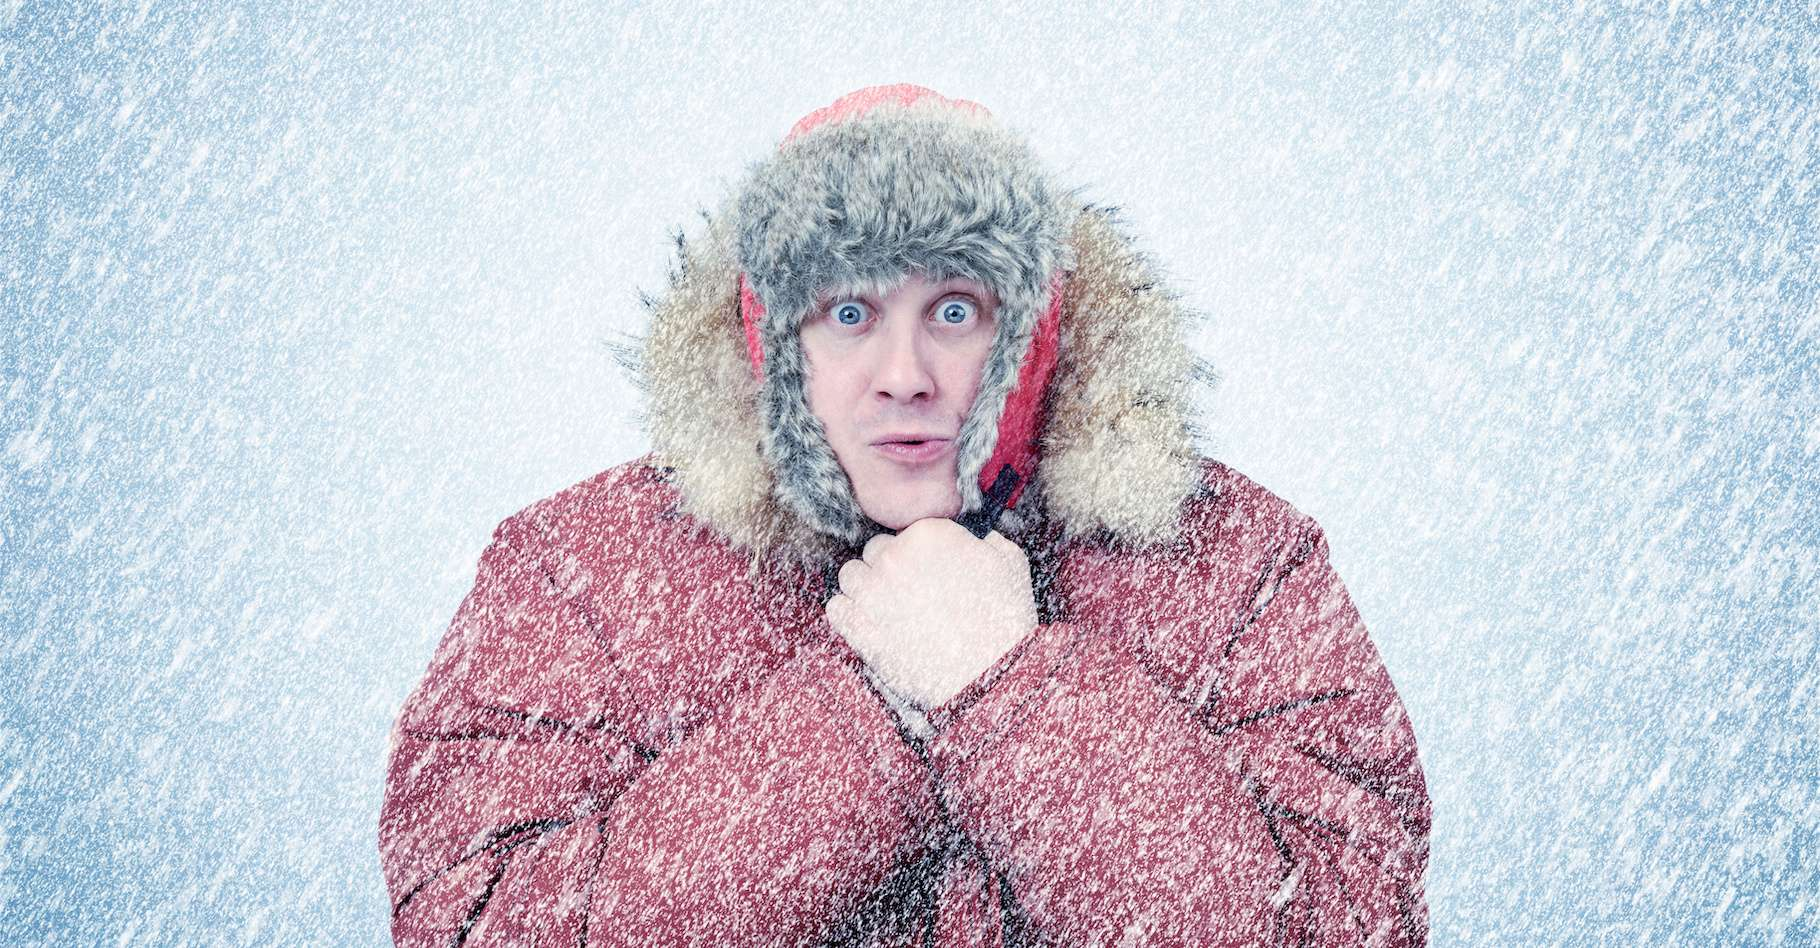 Le 22 décembre 1991, il a fait très froid au Groenland. Mais le record absolu de froid reste du côté de l'Antarctique, avec -89,2 °C officiellement enregistrés par la station météorologique de Vostok le 21 juillet 1983. © afxhome, Adobe Stock